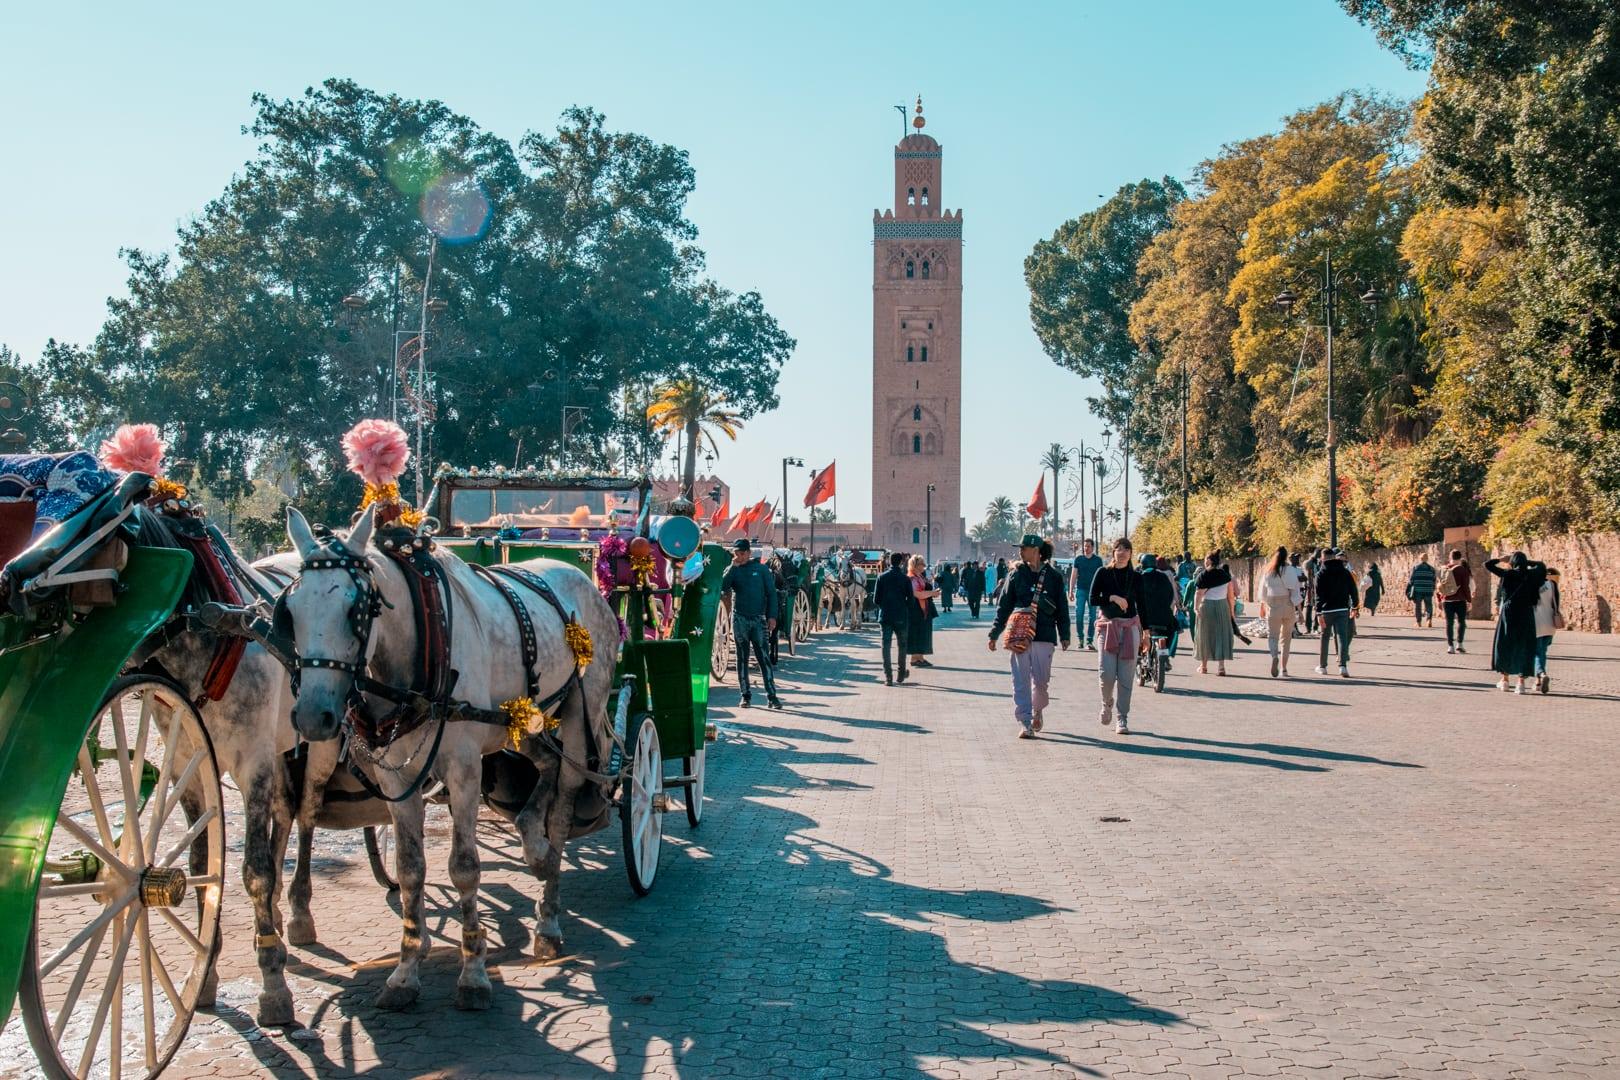 Marrakech Souks15 - Marrakech prijzen: zoveel kost een stedentrip naar Marrakech!